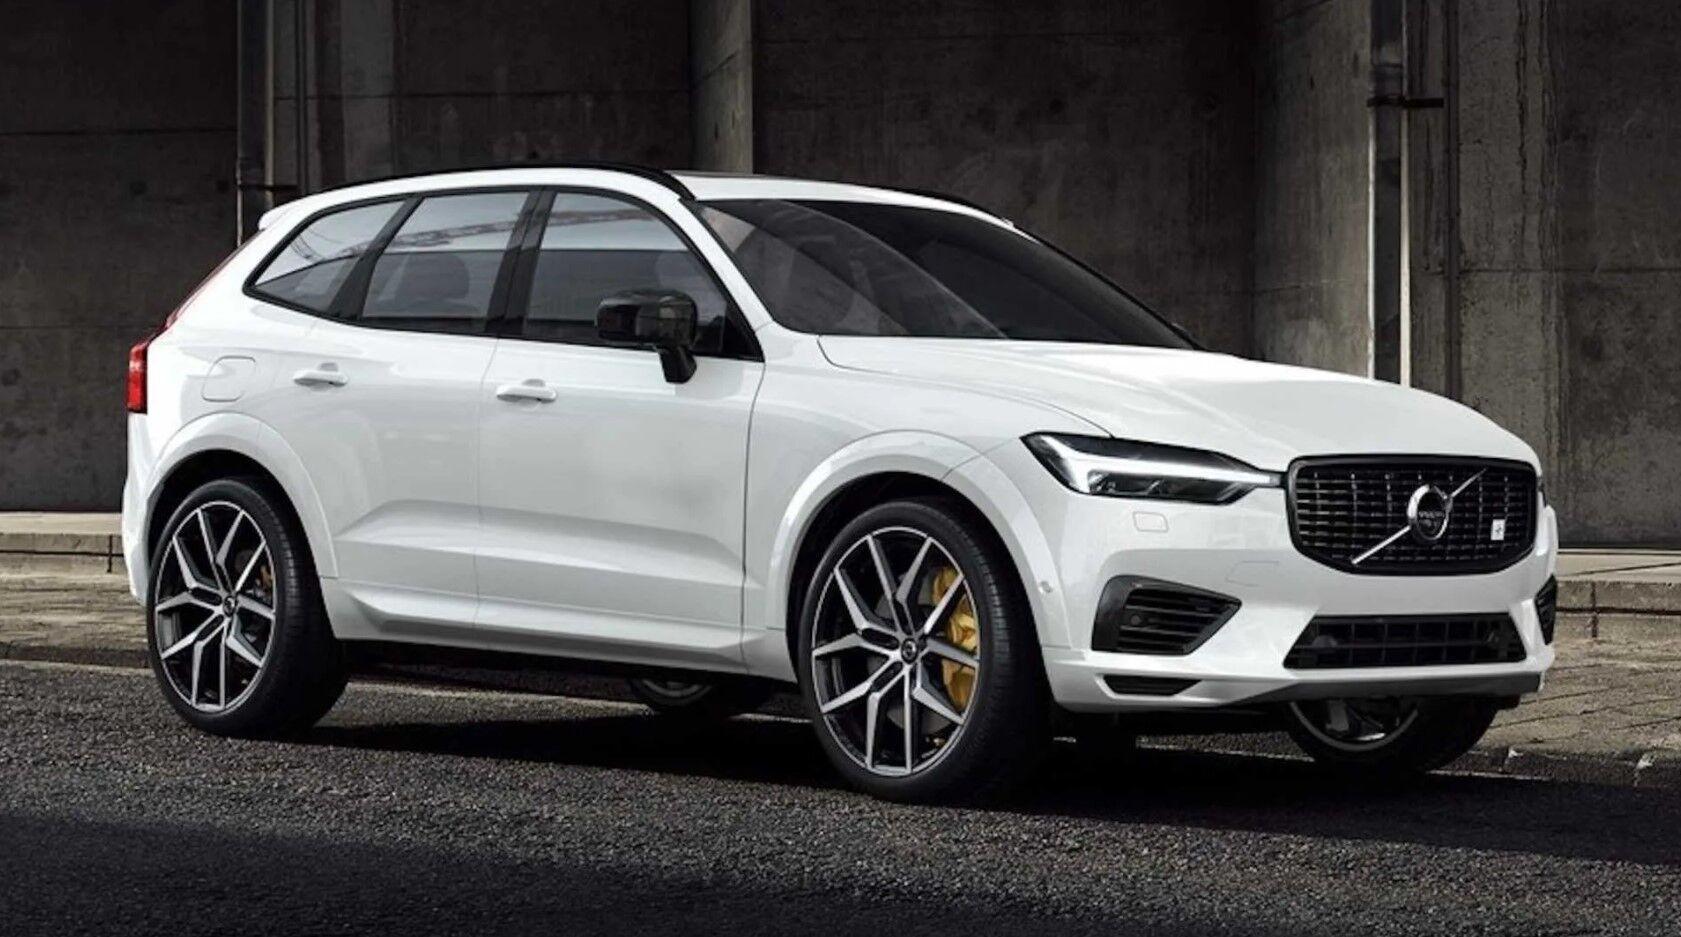 Обслуговування дорогих автомобілів, в тому числі Volvo, вимагає витрат